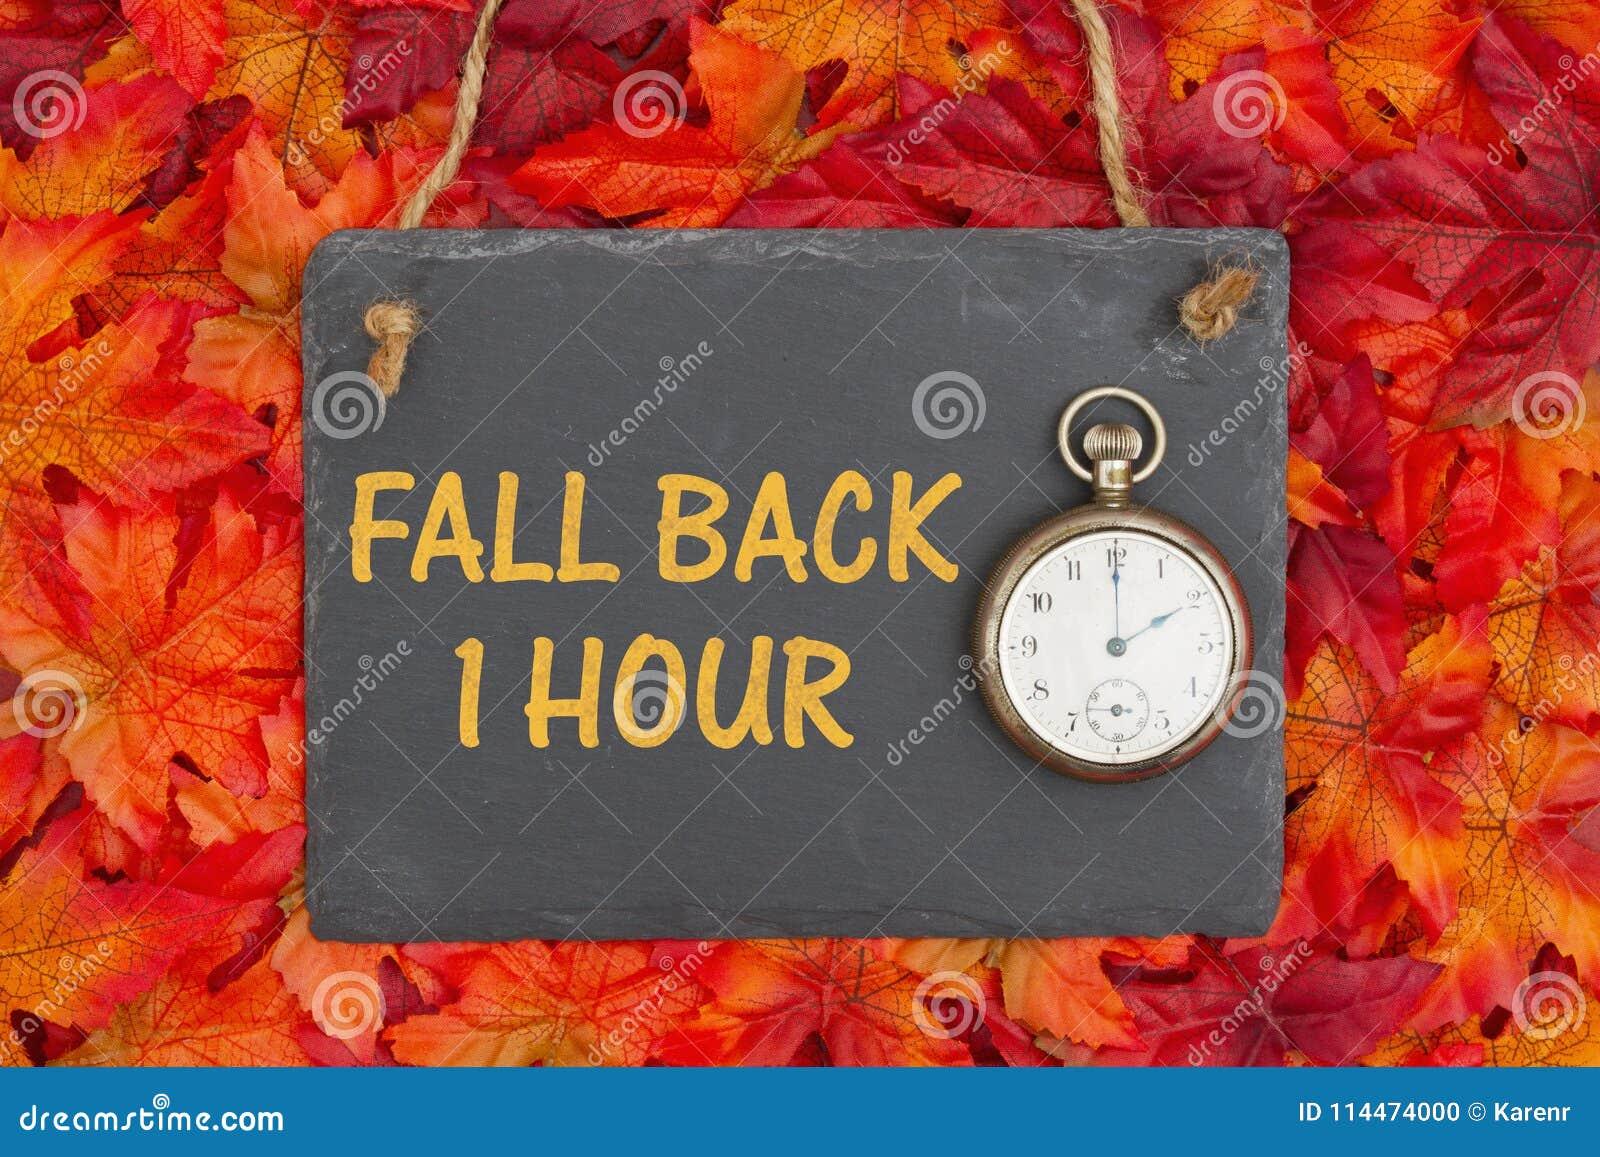 Fall Daylight Savings Time Change message